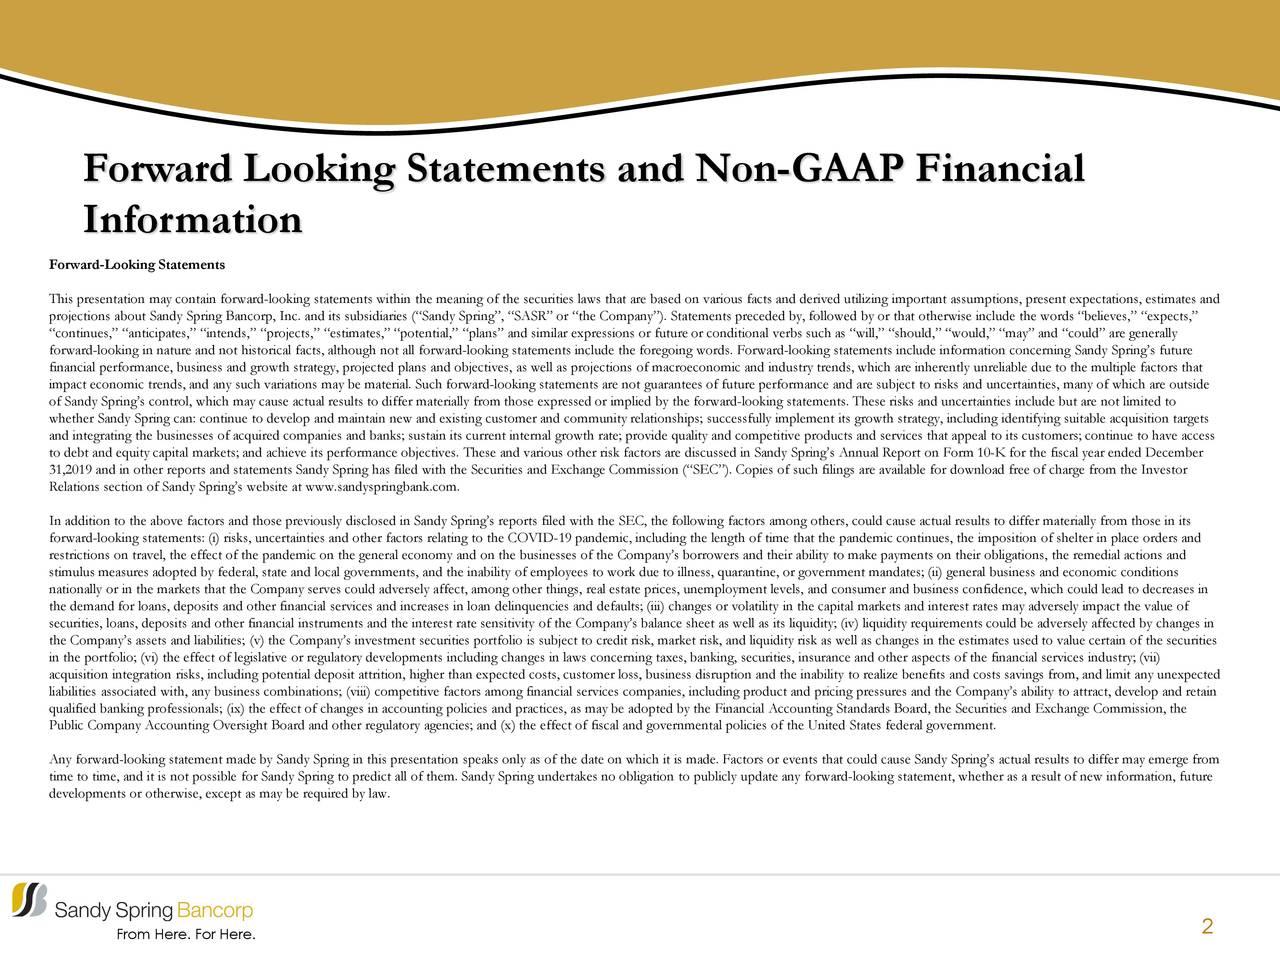 Declaraciones prospectivas y finanzas no GAAP